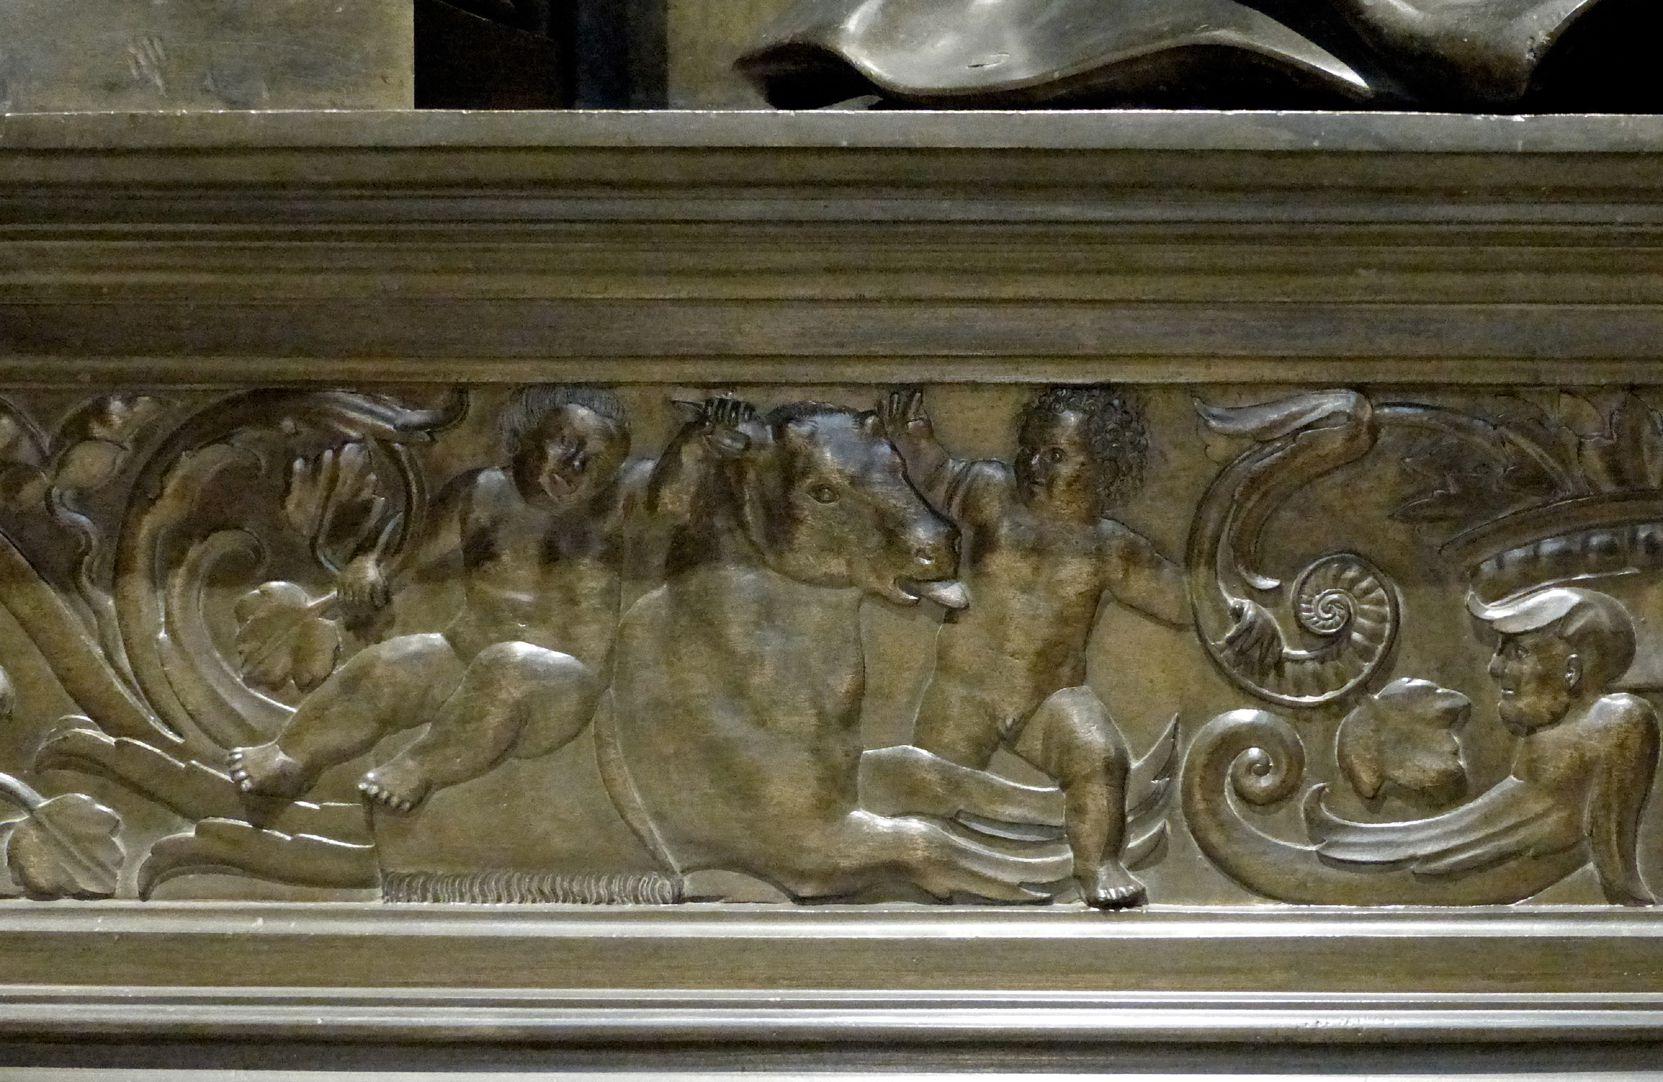 Grabmal Friedrichs des Weisen (Wittenberg) Grabplatte, Sockel: mit einem Stier/Fabelwesen spielende Putti, links